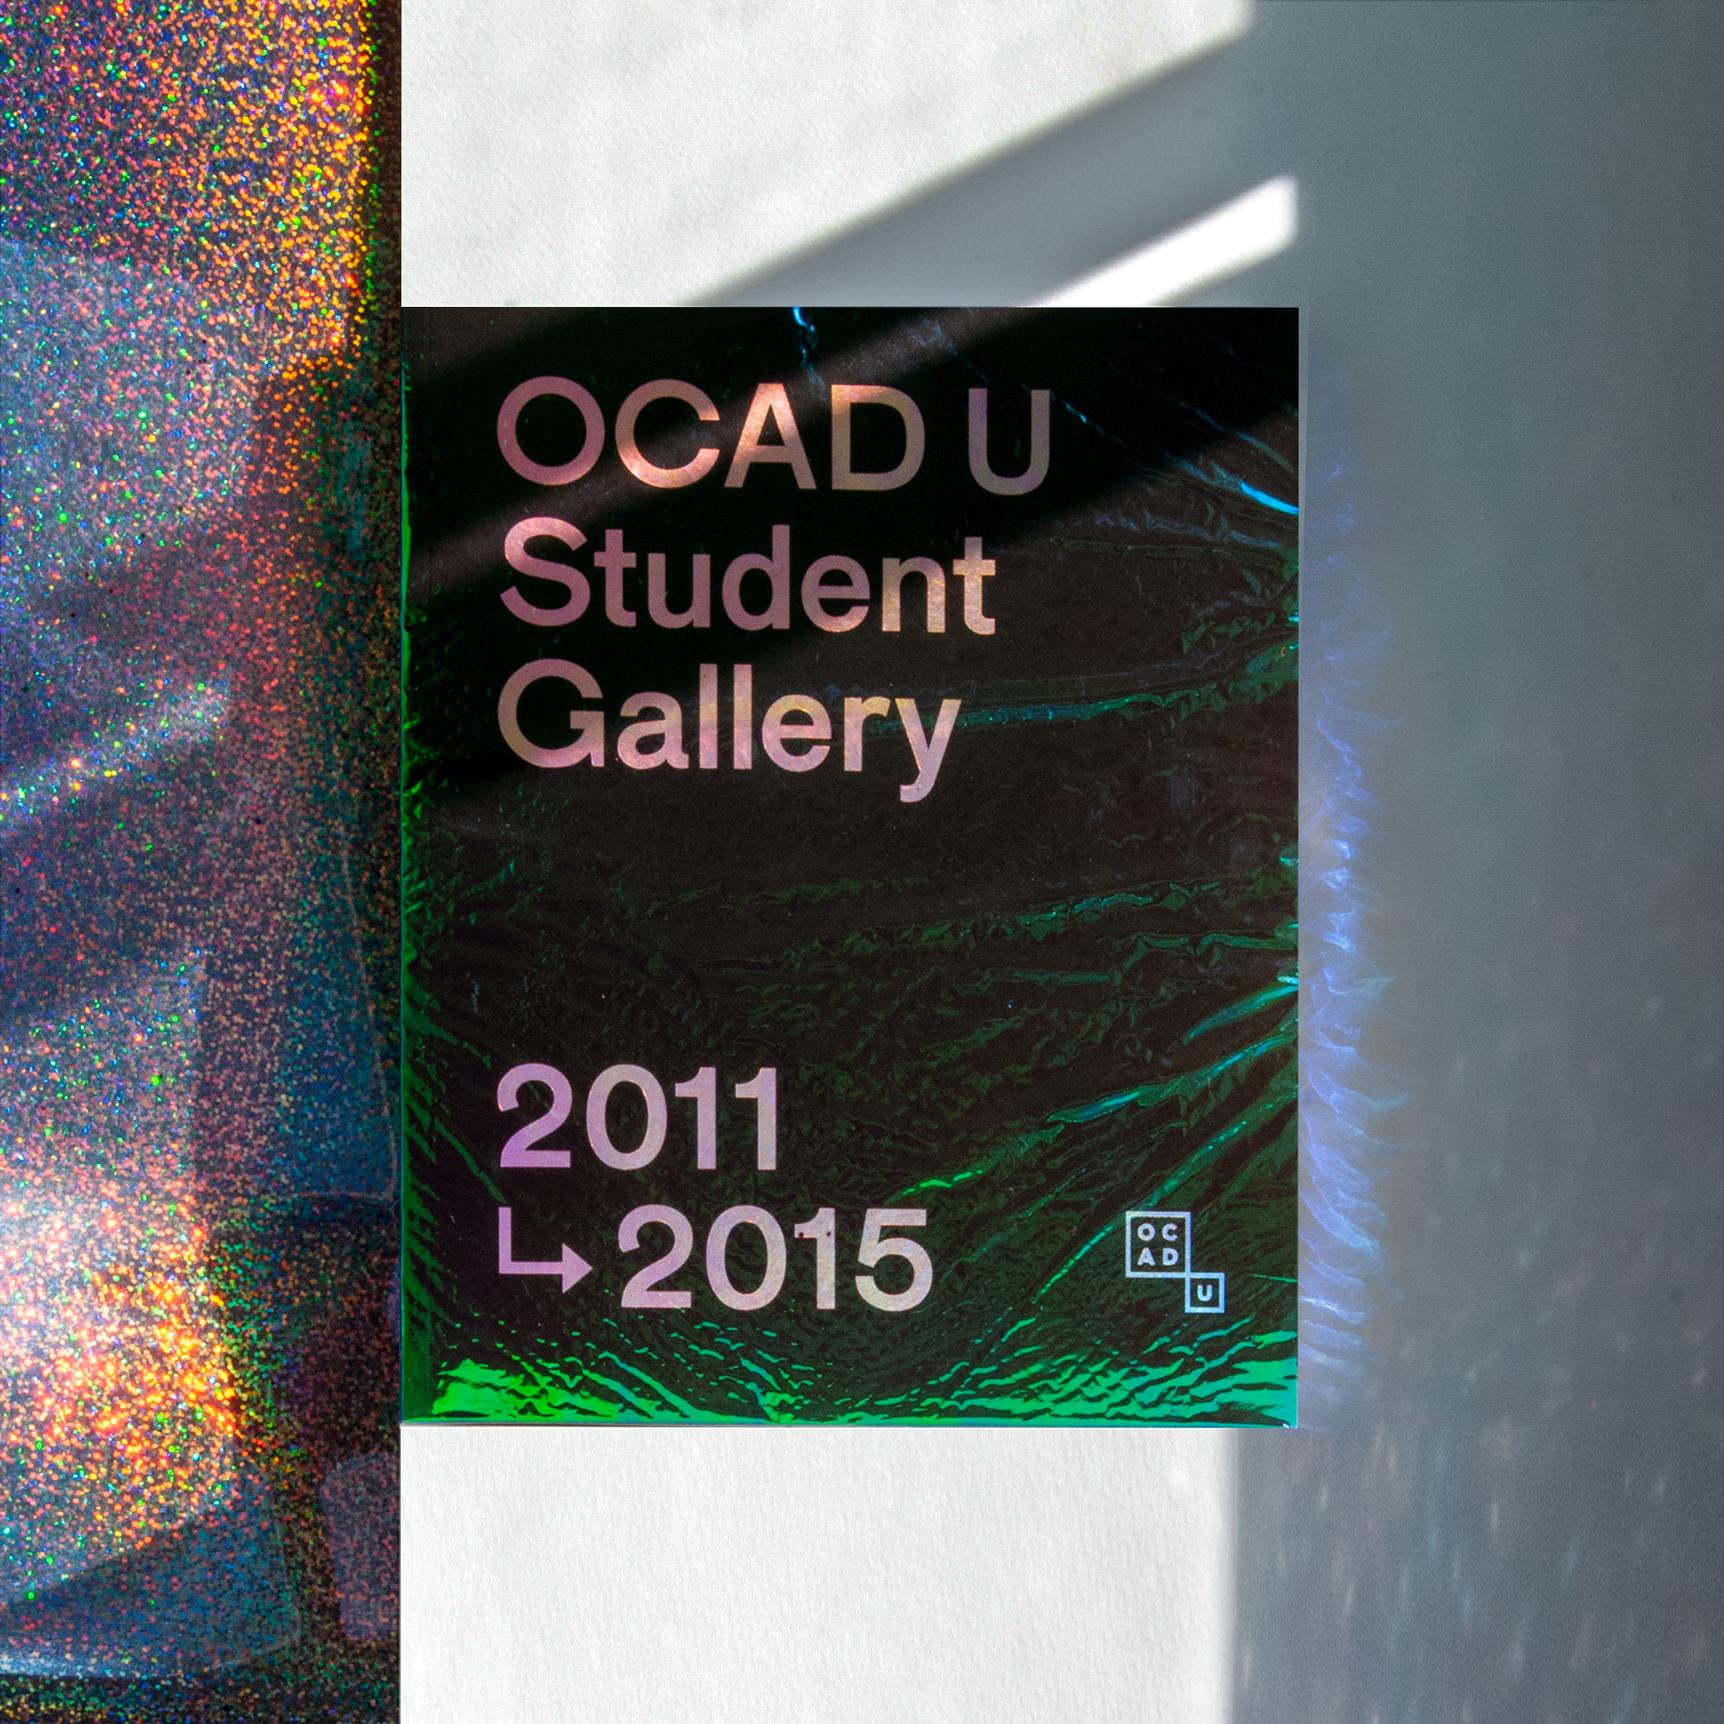 OCAD U Gallery thumb